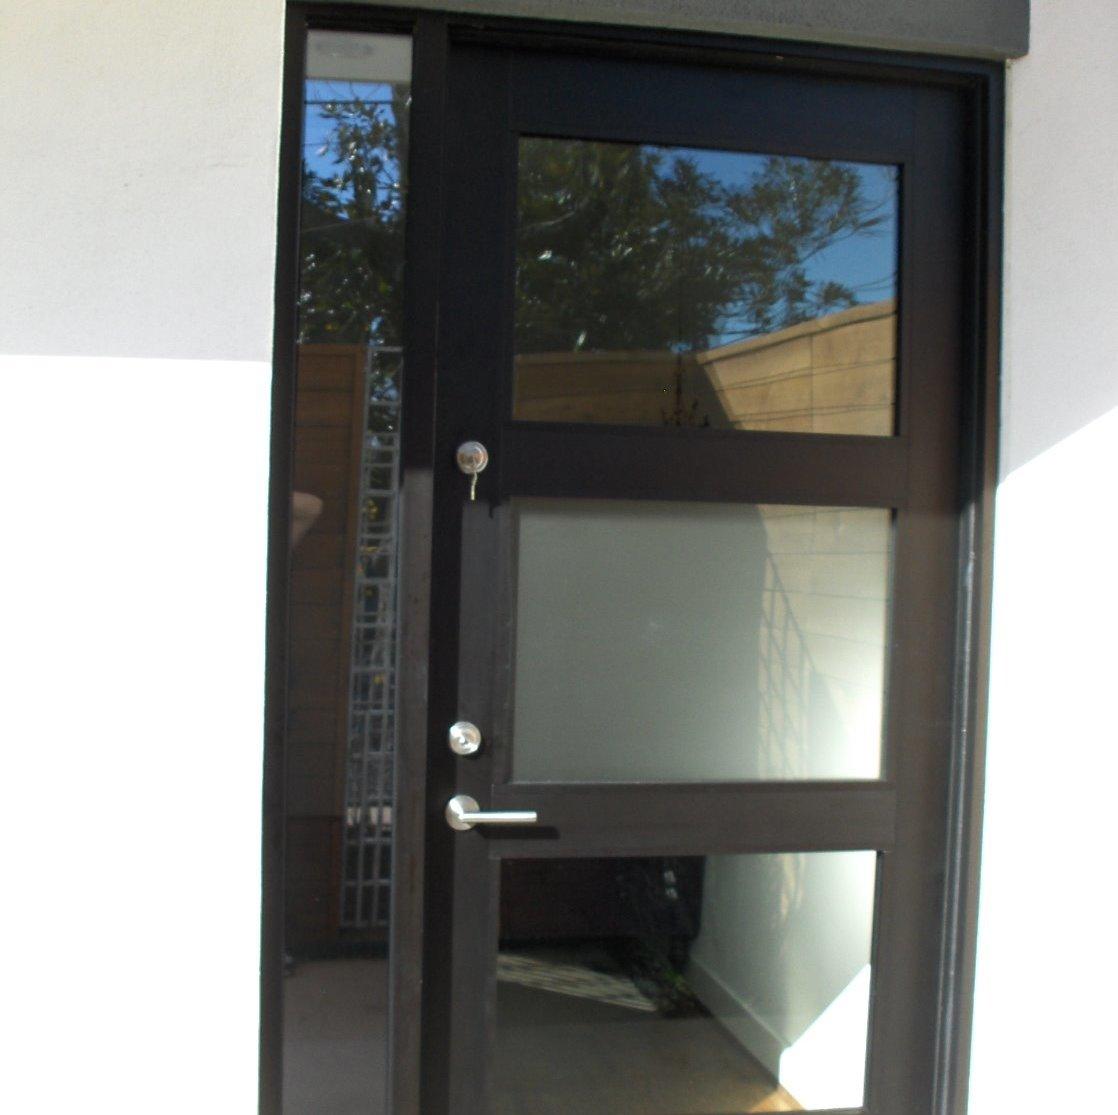 Heights Door Works|Commercial Door Service & Installation image 2